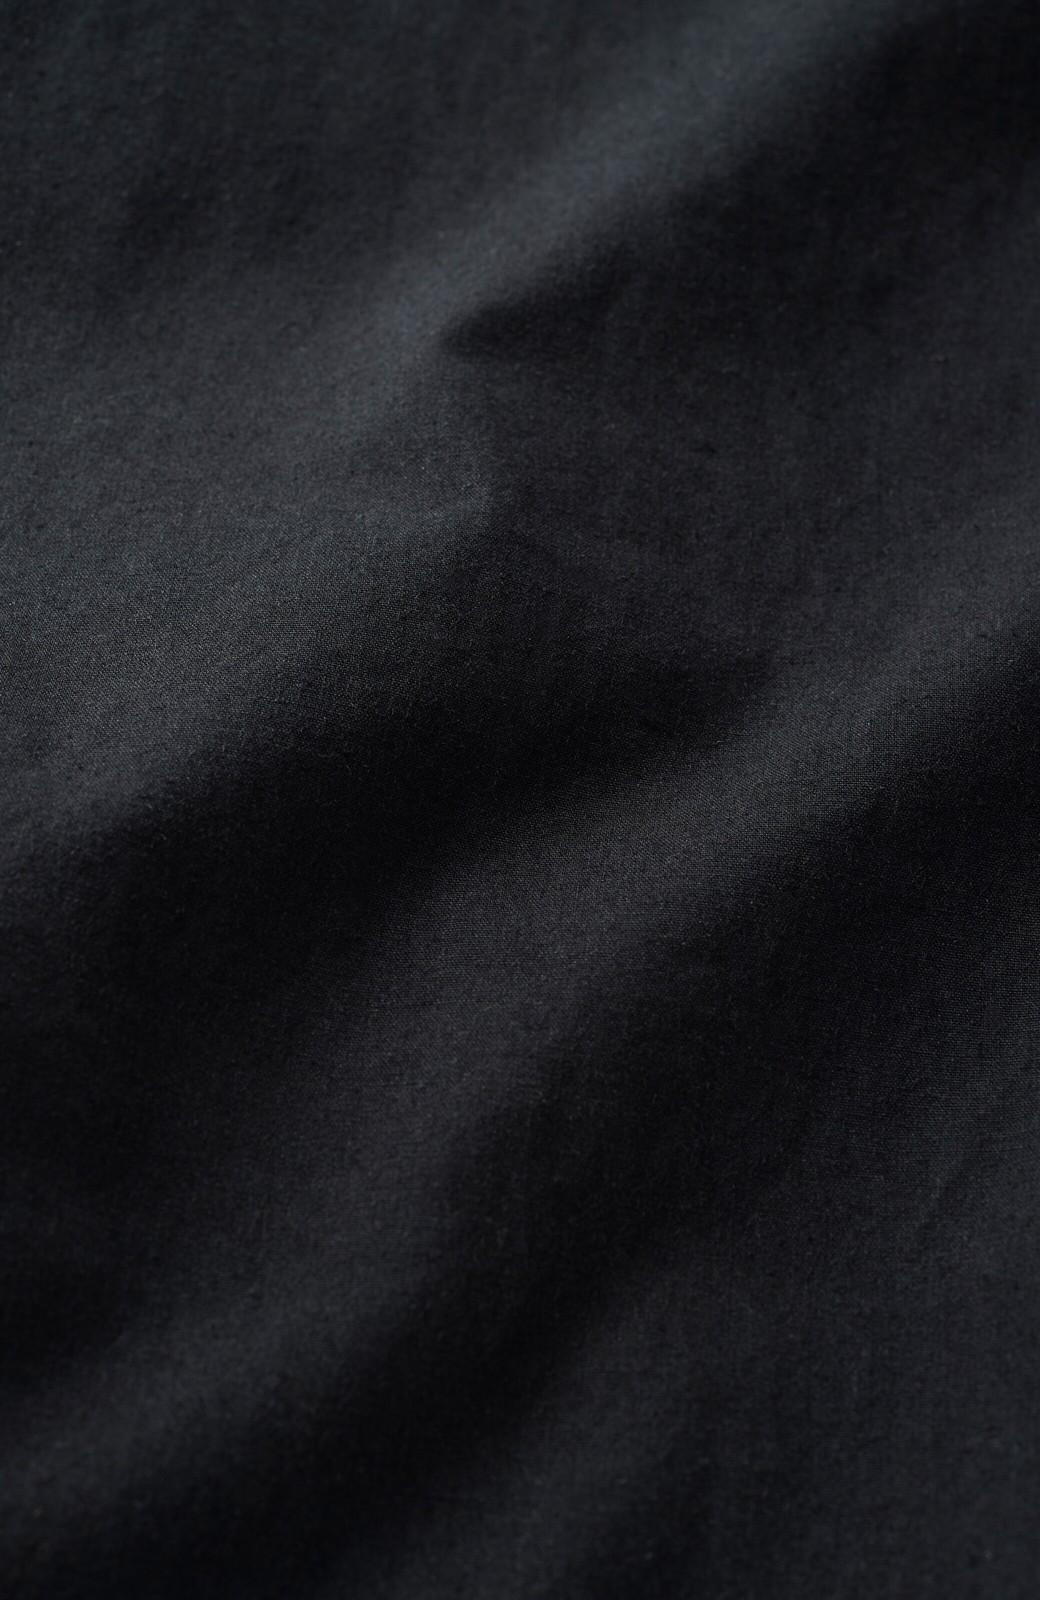 haco! 太ってもばれないくらいのゆるシルエットがオシャレなプルオーバーブラウス <ブラック>の商品写真6